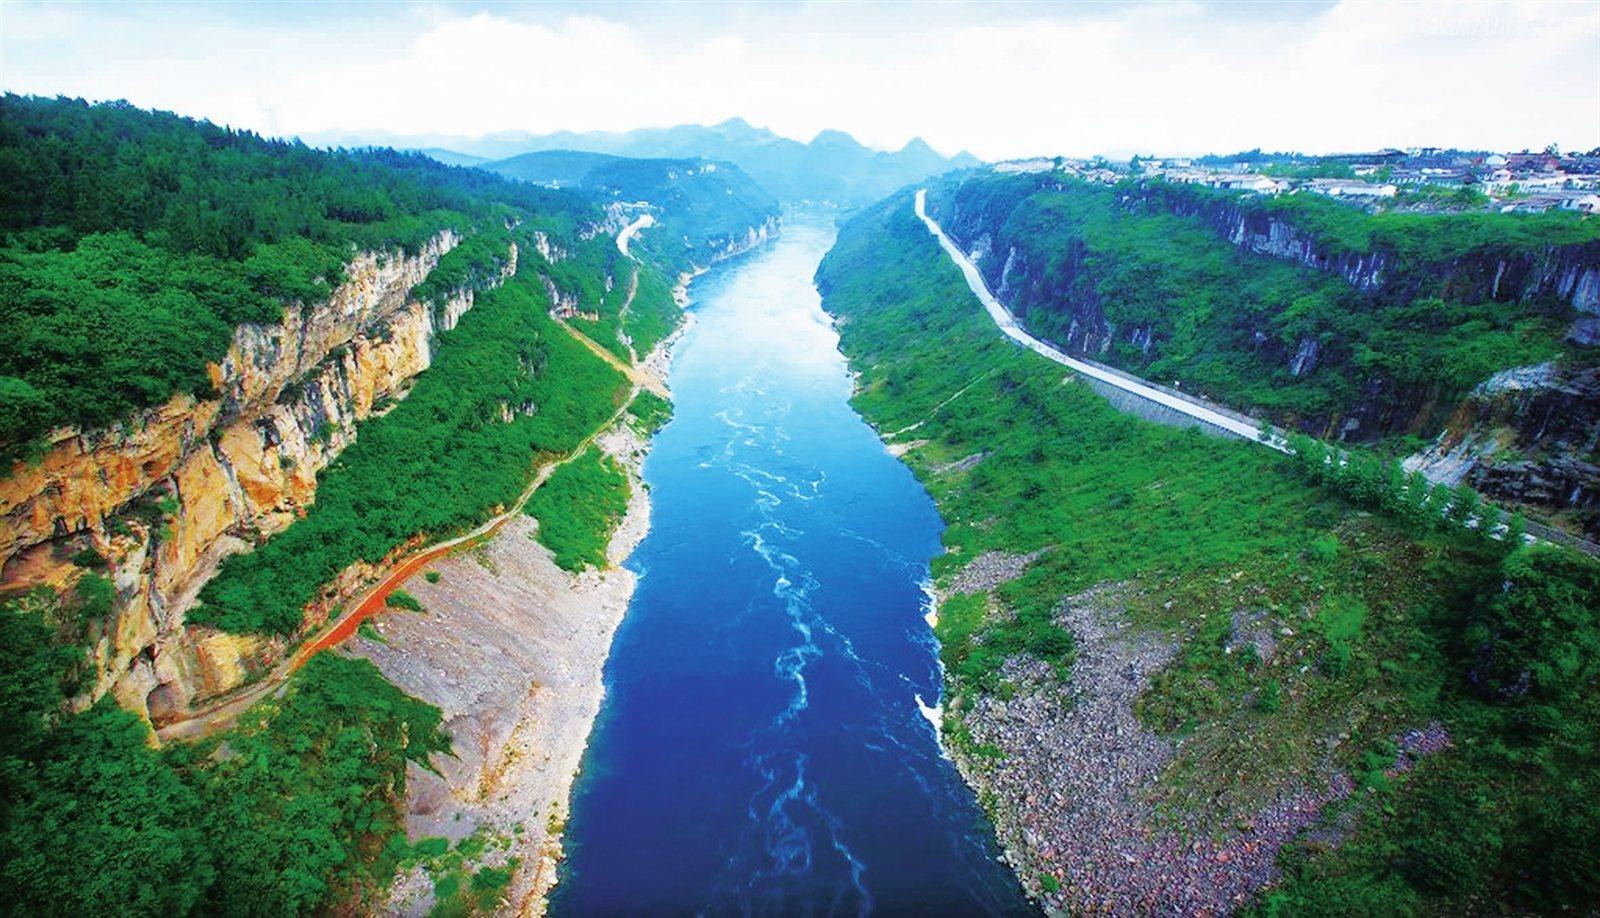 息烽县的旅游景点